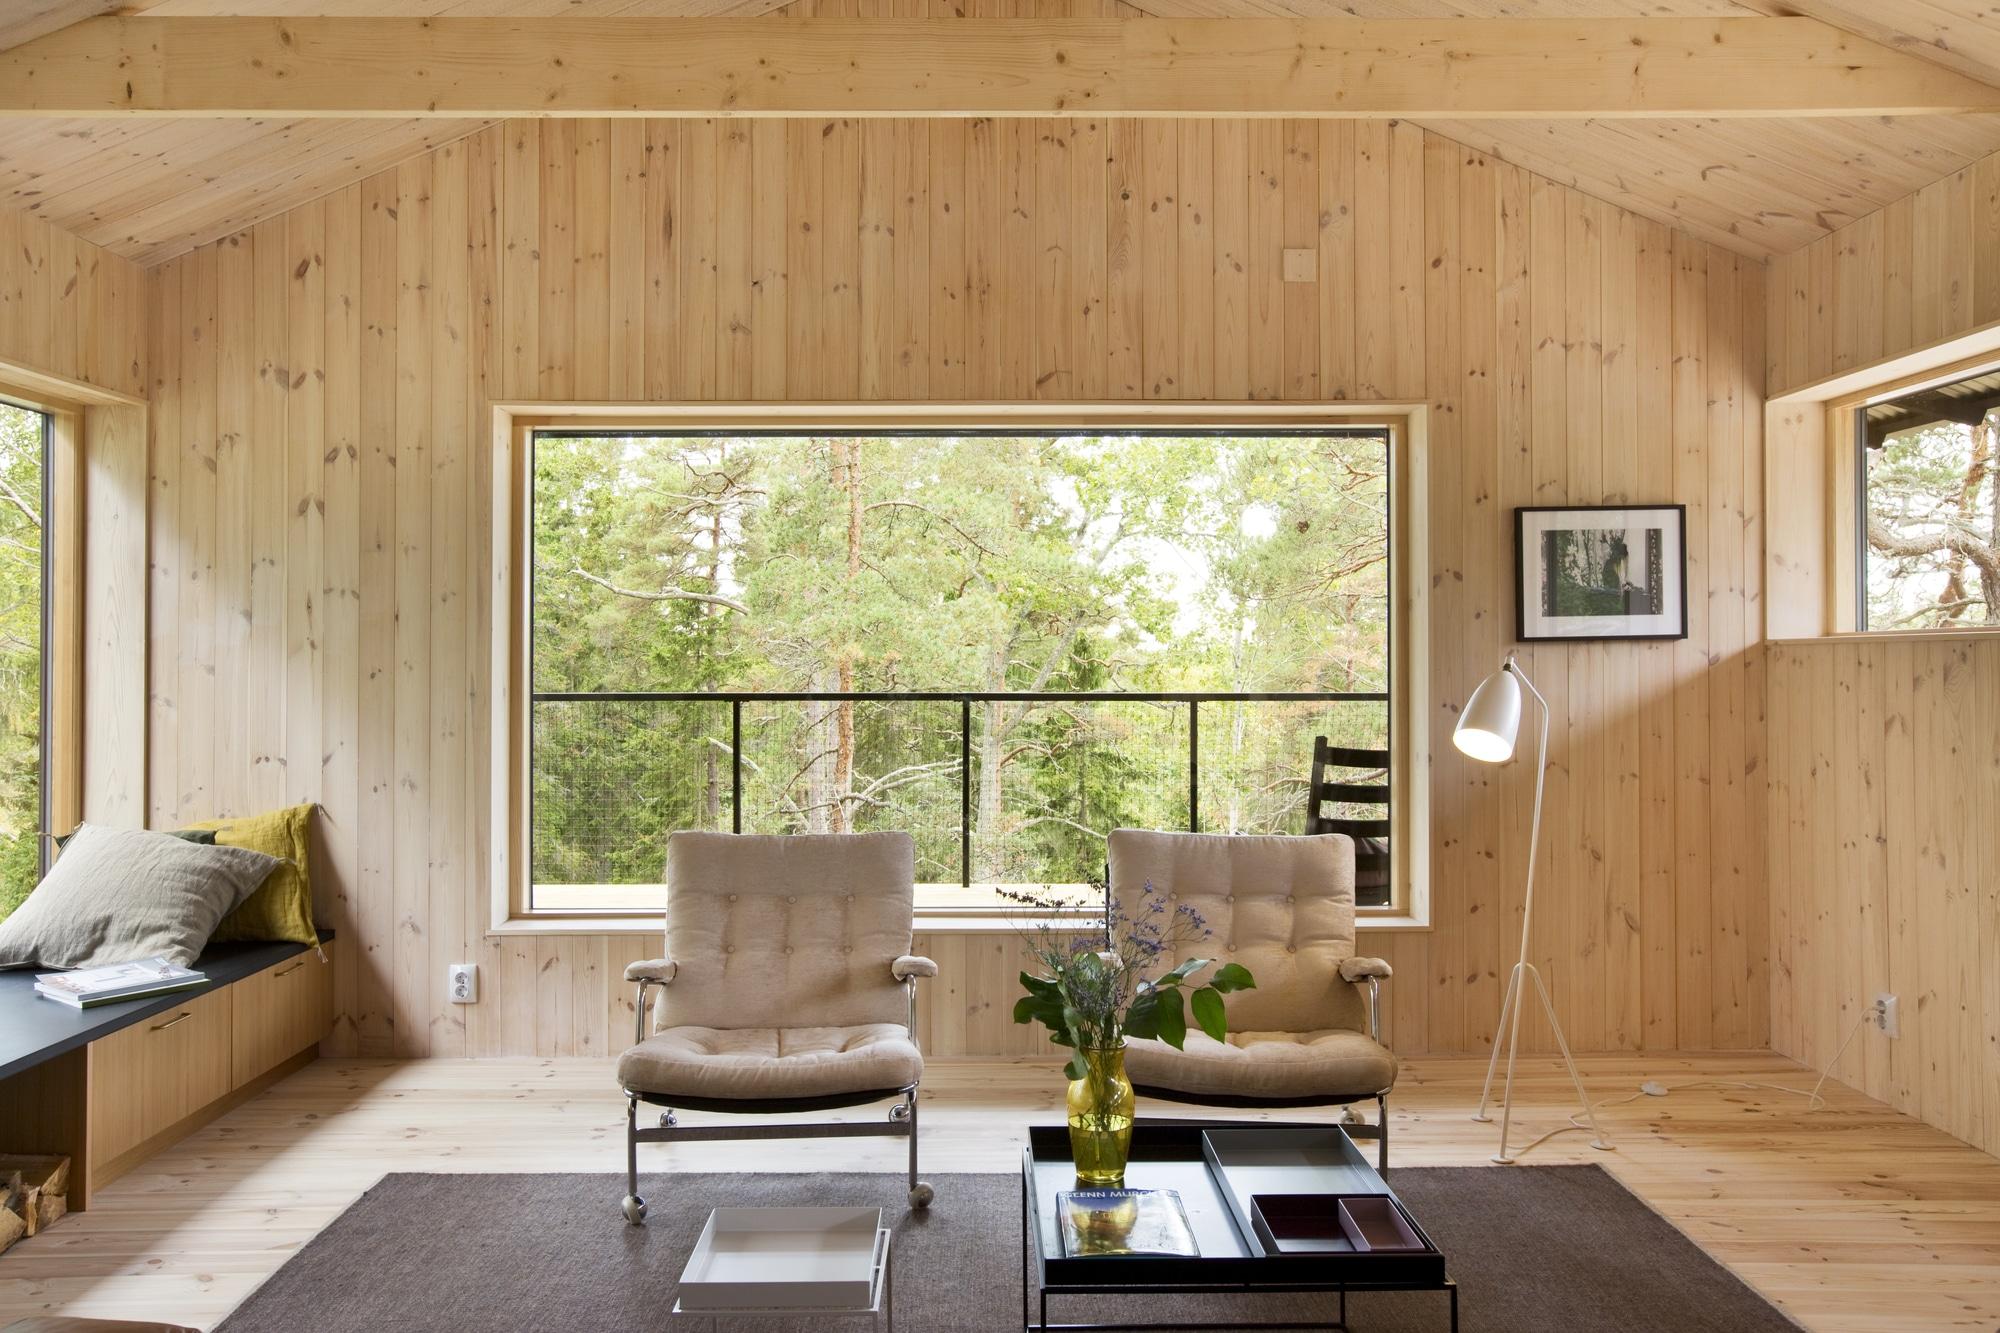 Dise o de casa peque a de madera fachada planos for Disenos de espejos tallados en madera